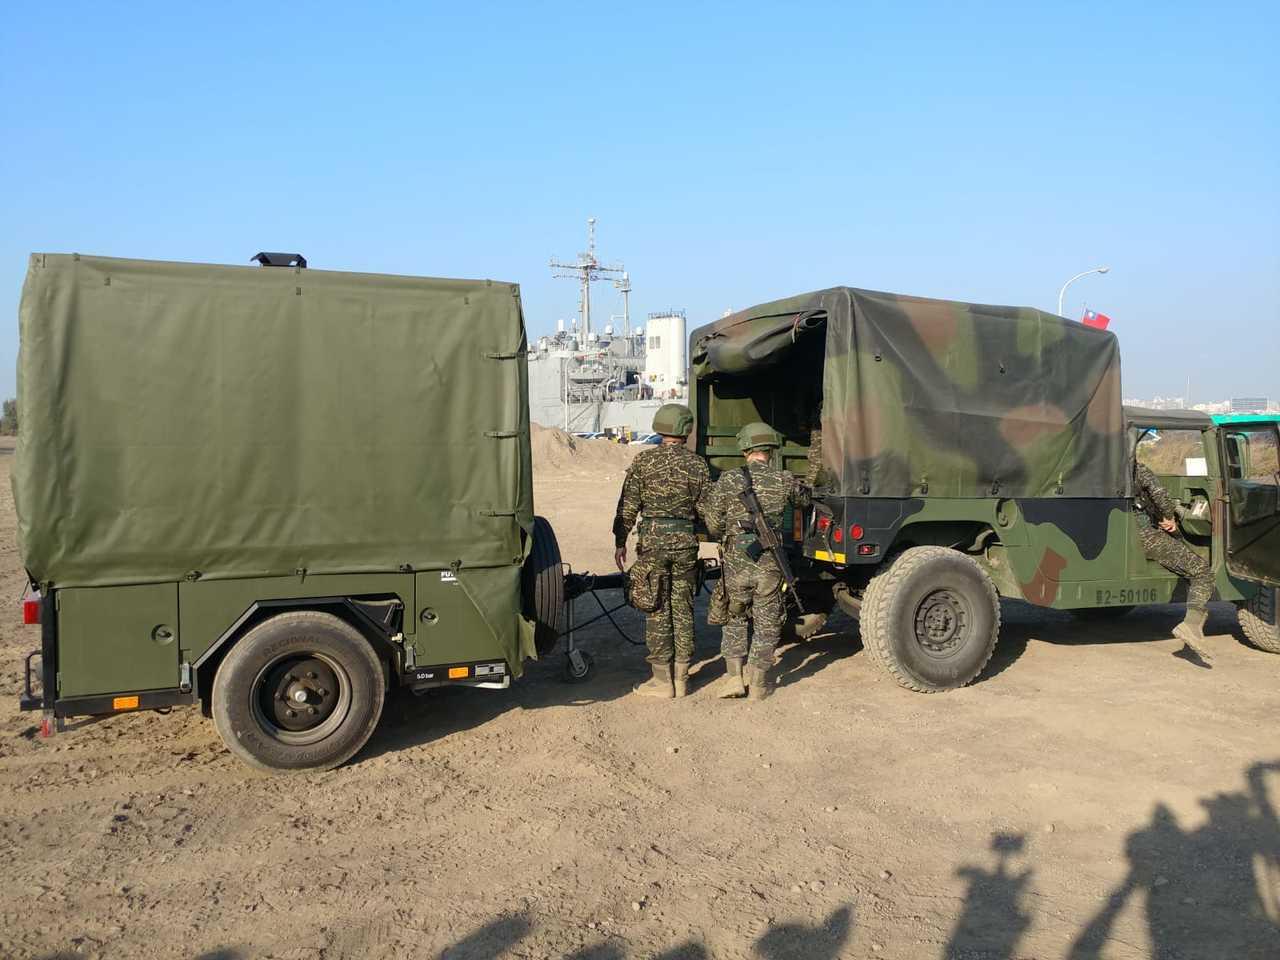 所有裝備收拾完成後,可以用一輛悍馬車拖運。記者徐宇威/攝影